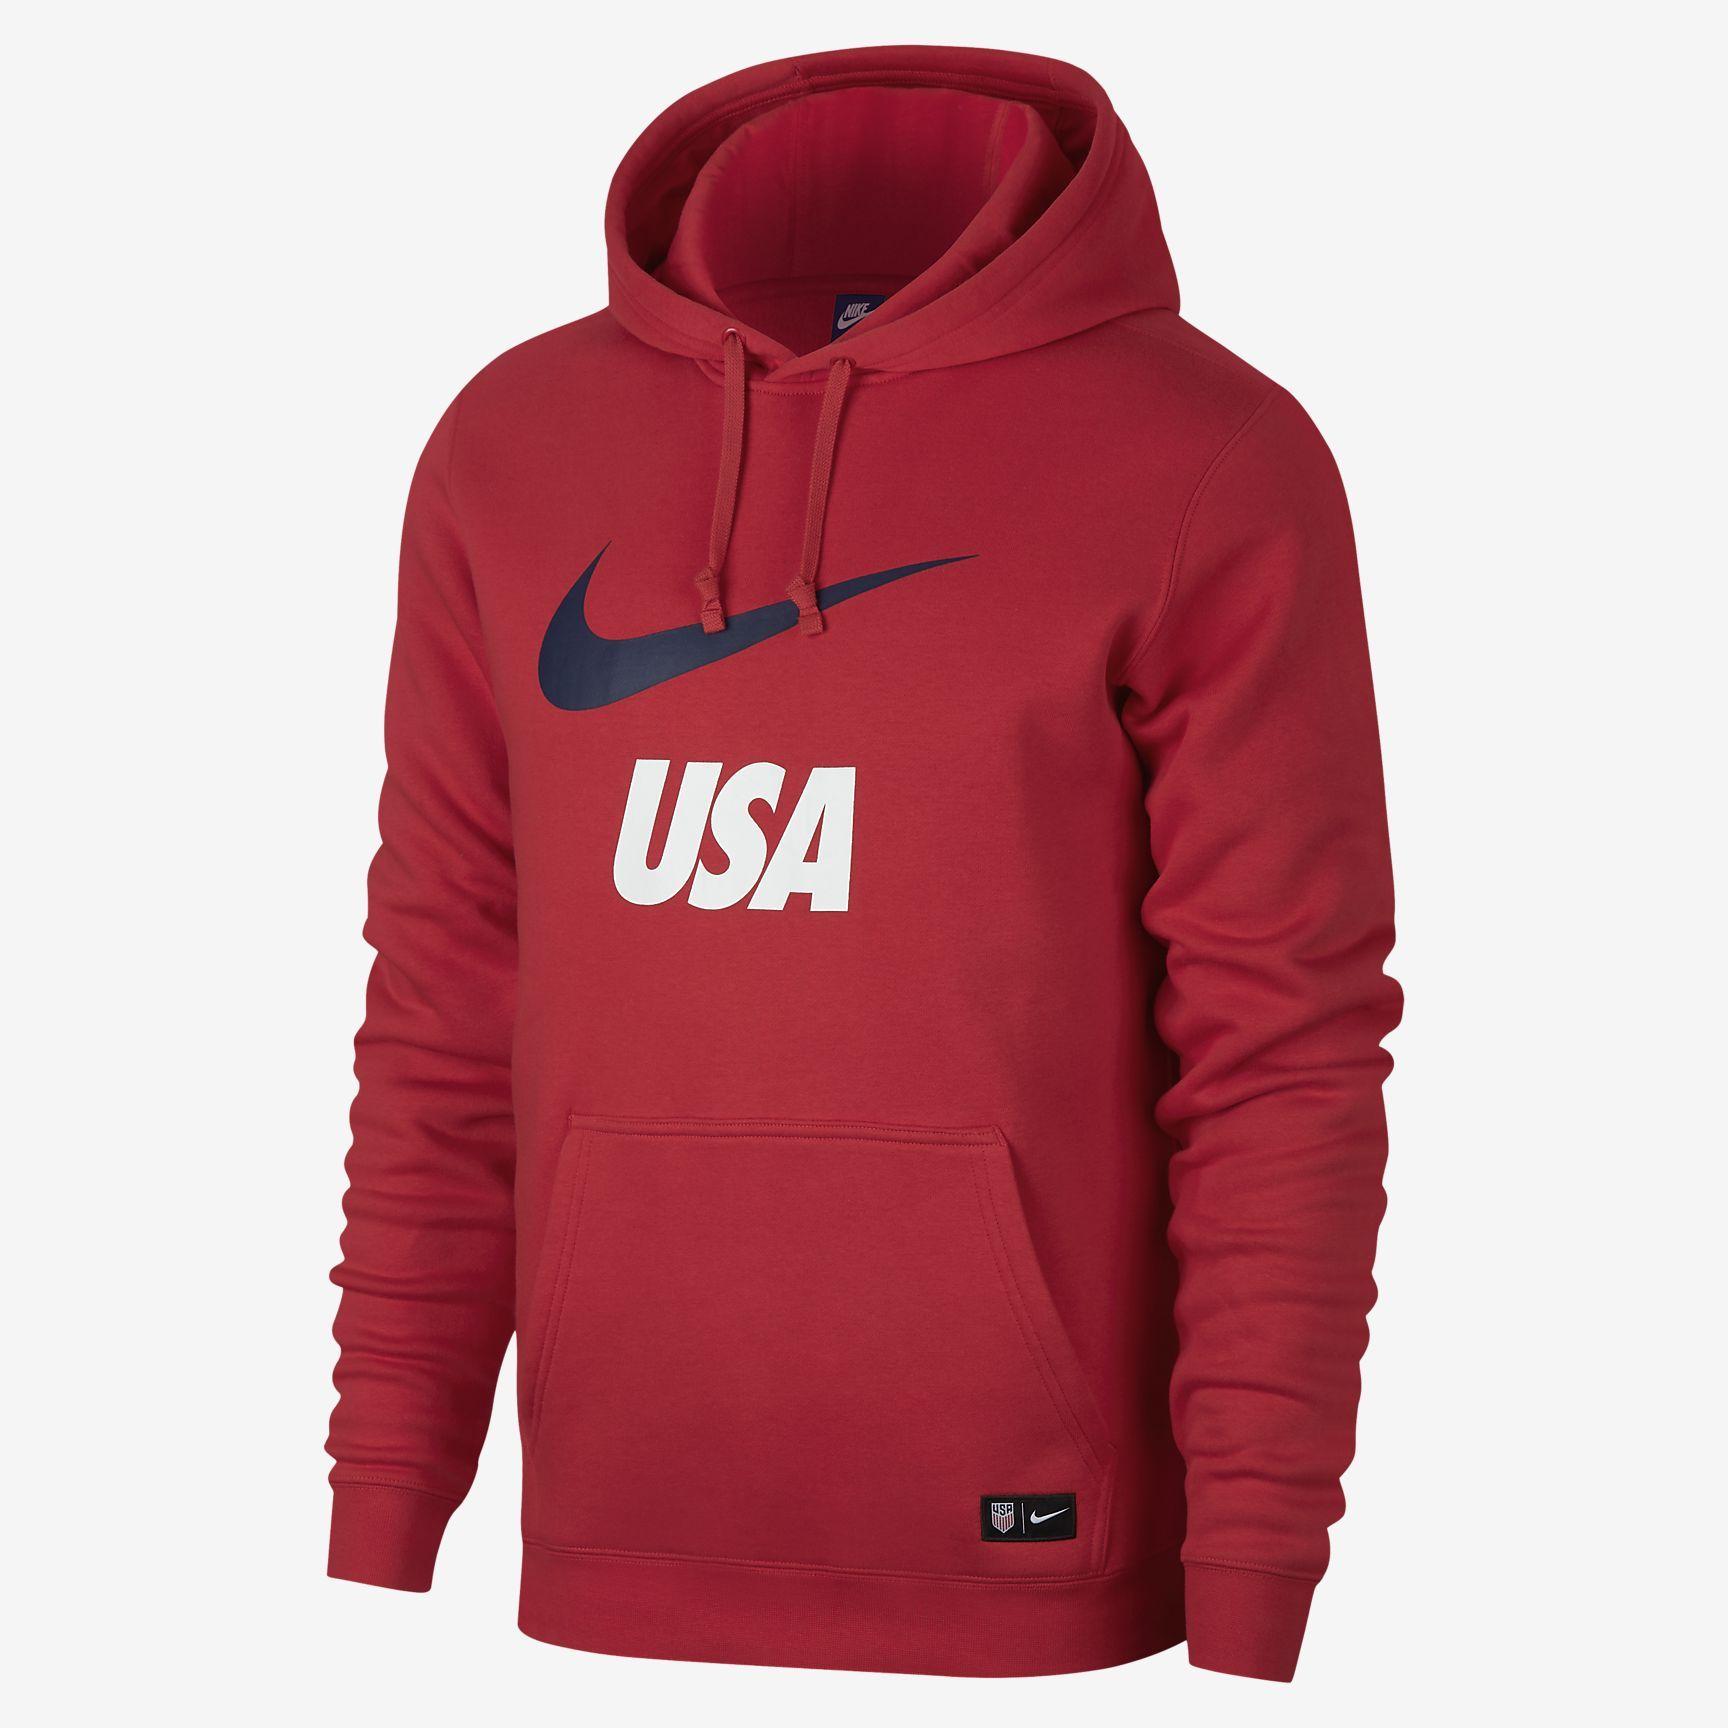 Nike U.S.A. Men's Pullover Hoodie Hoodies men pullover